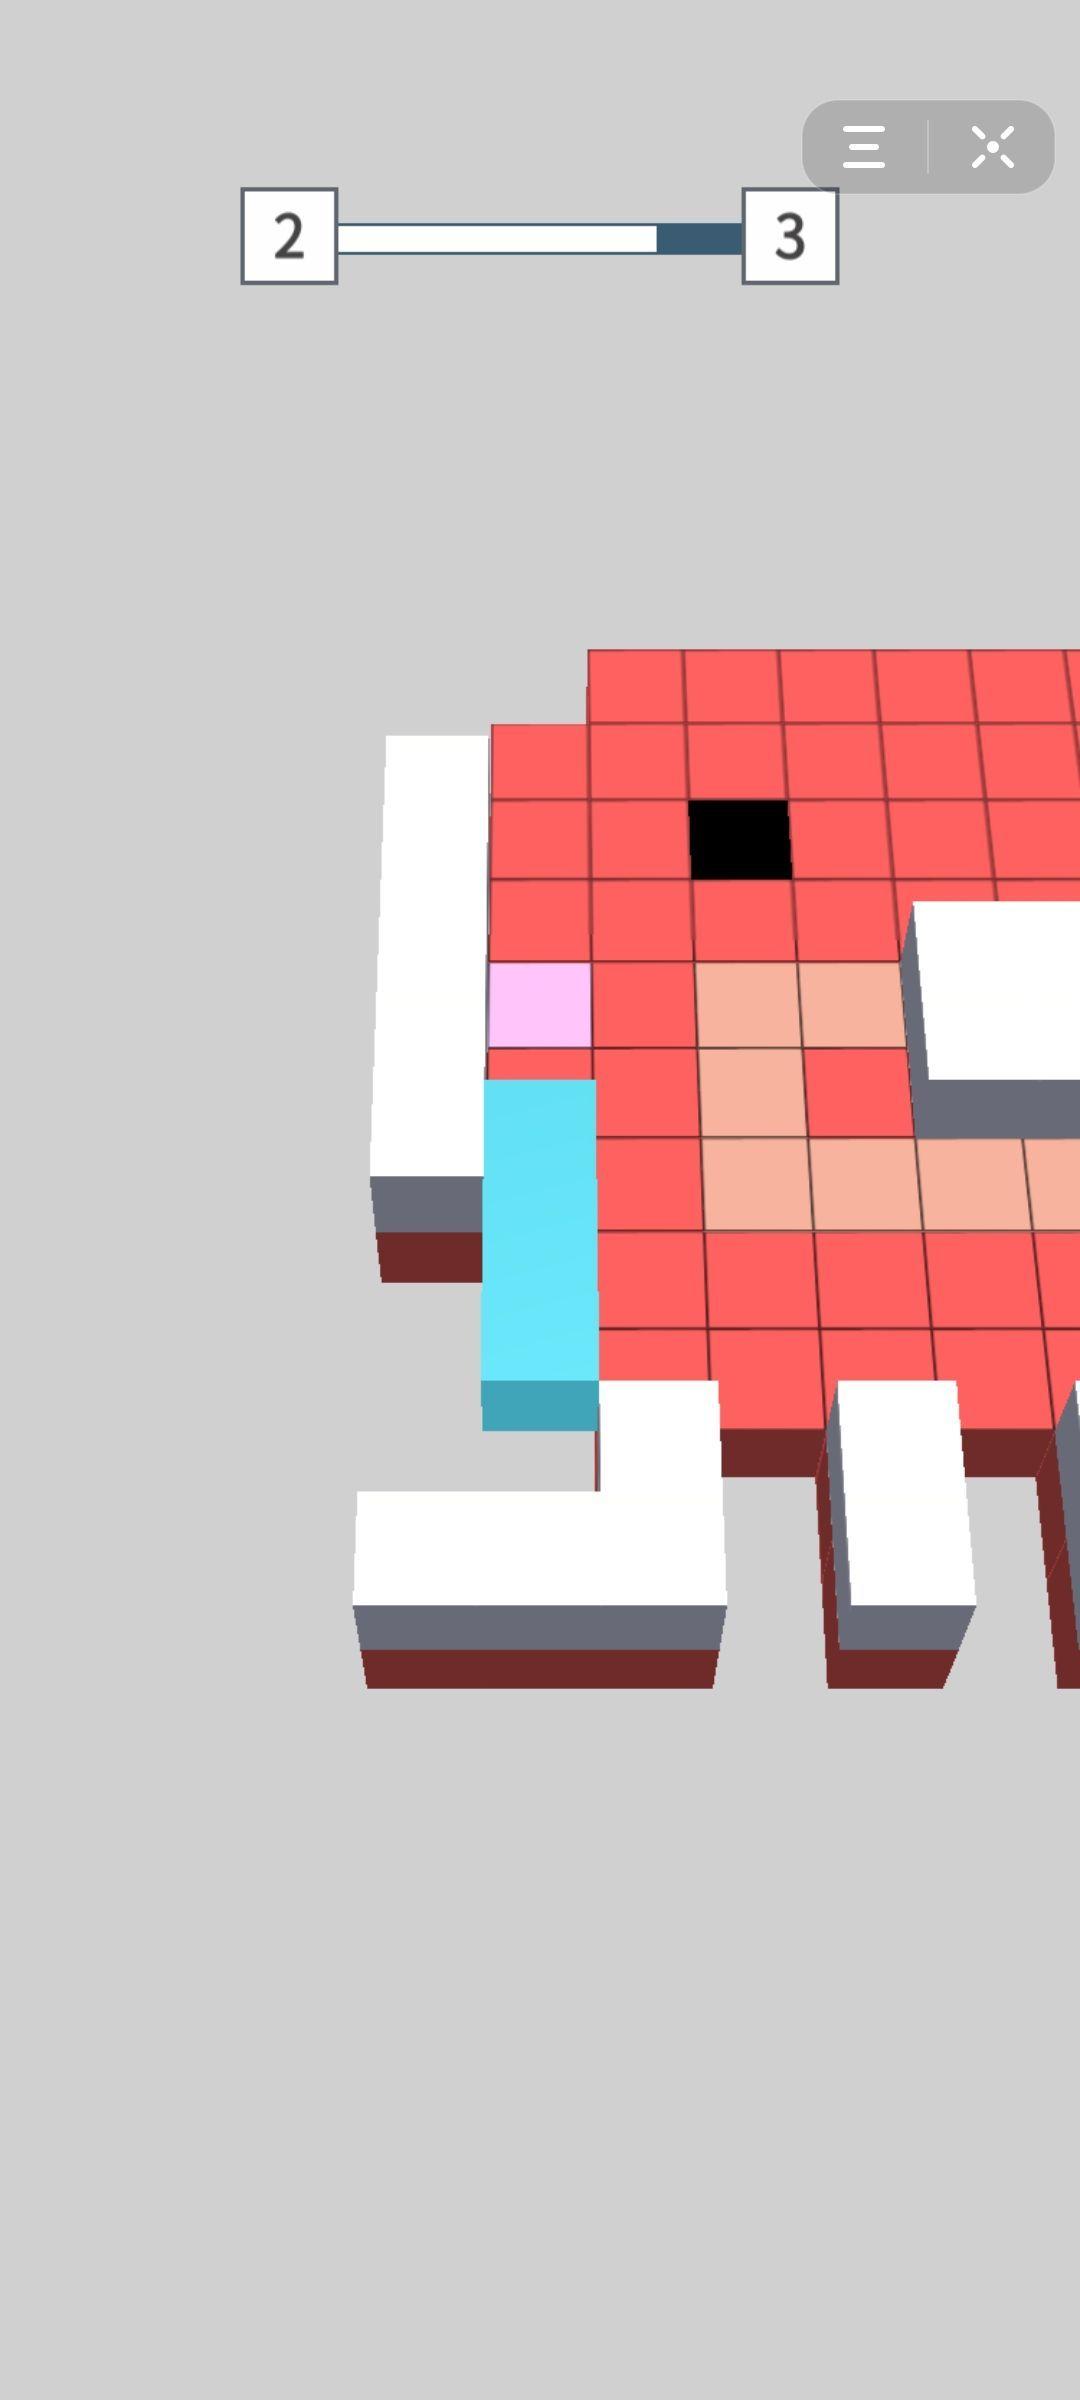 抖音方块翻翻乐3D小程序游戏最新版图1: